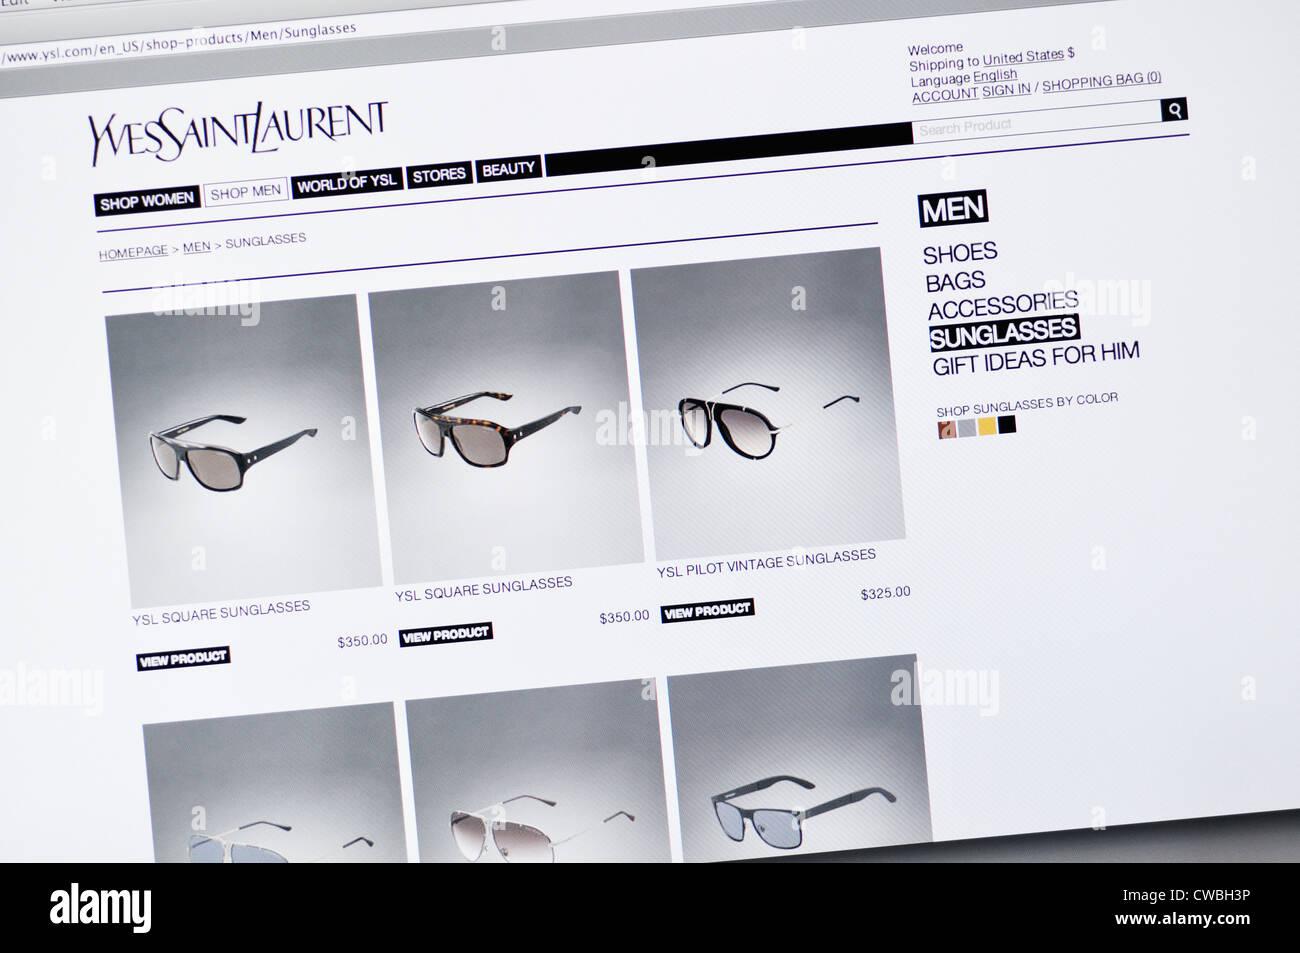 b64e7bf92e4 Yves Saint Laurent designer sunglasses website Stock Photo: 50042042 ...